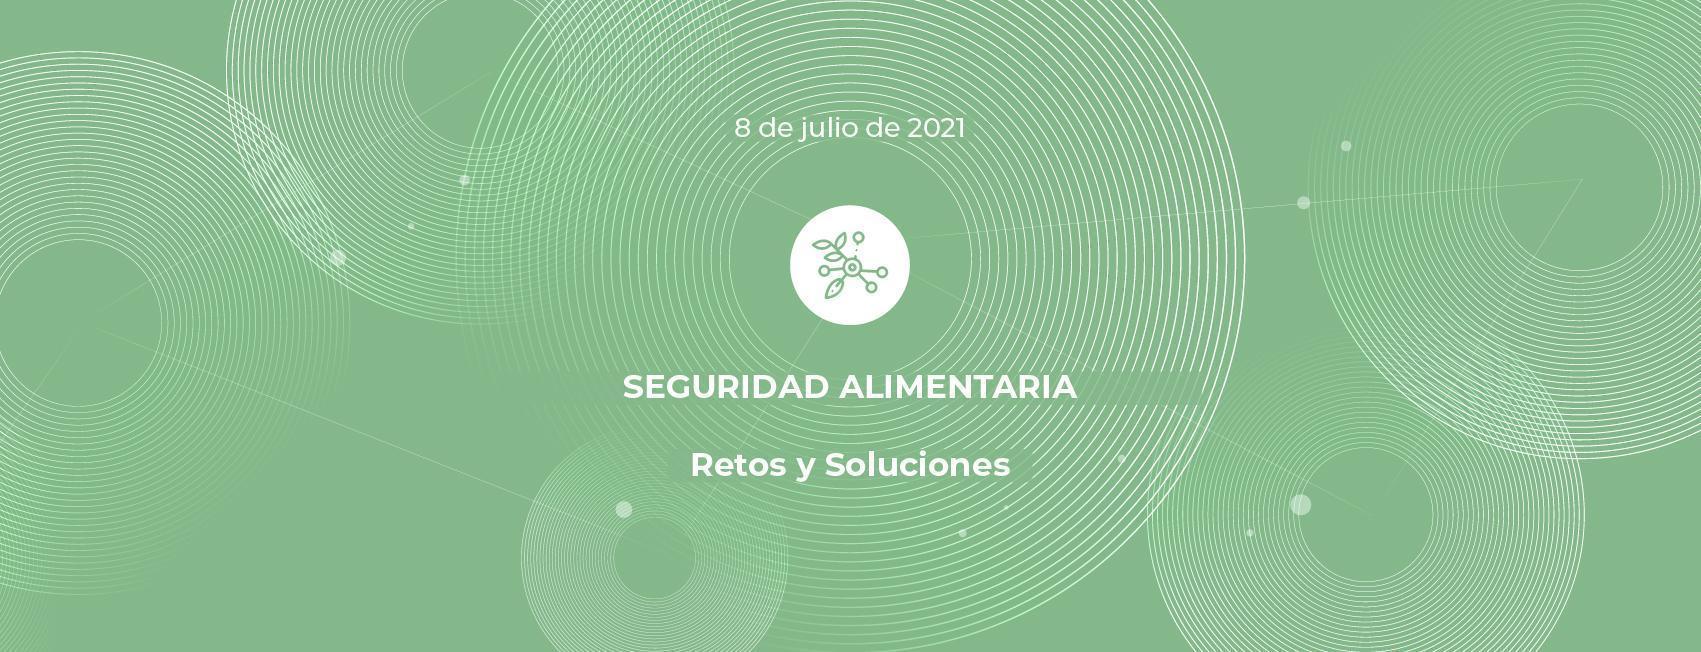 CabeceraWeb_Agroalimentacion 1700x651